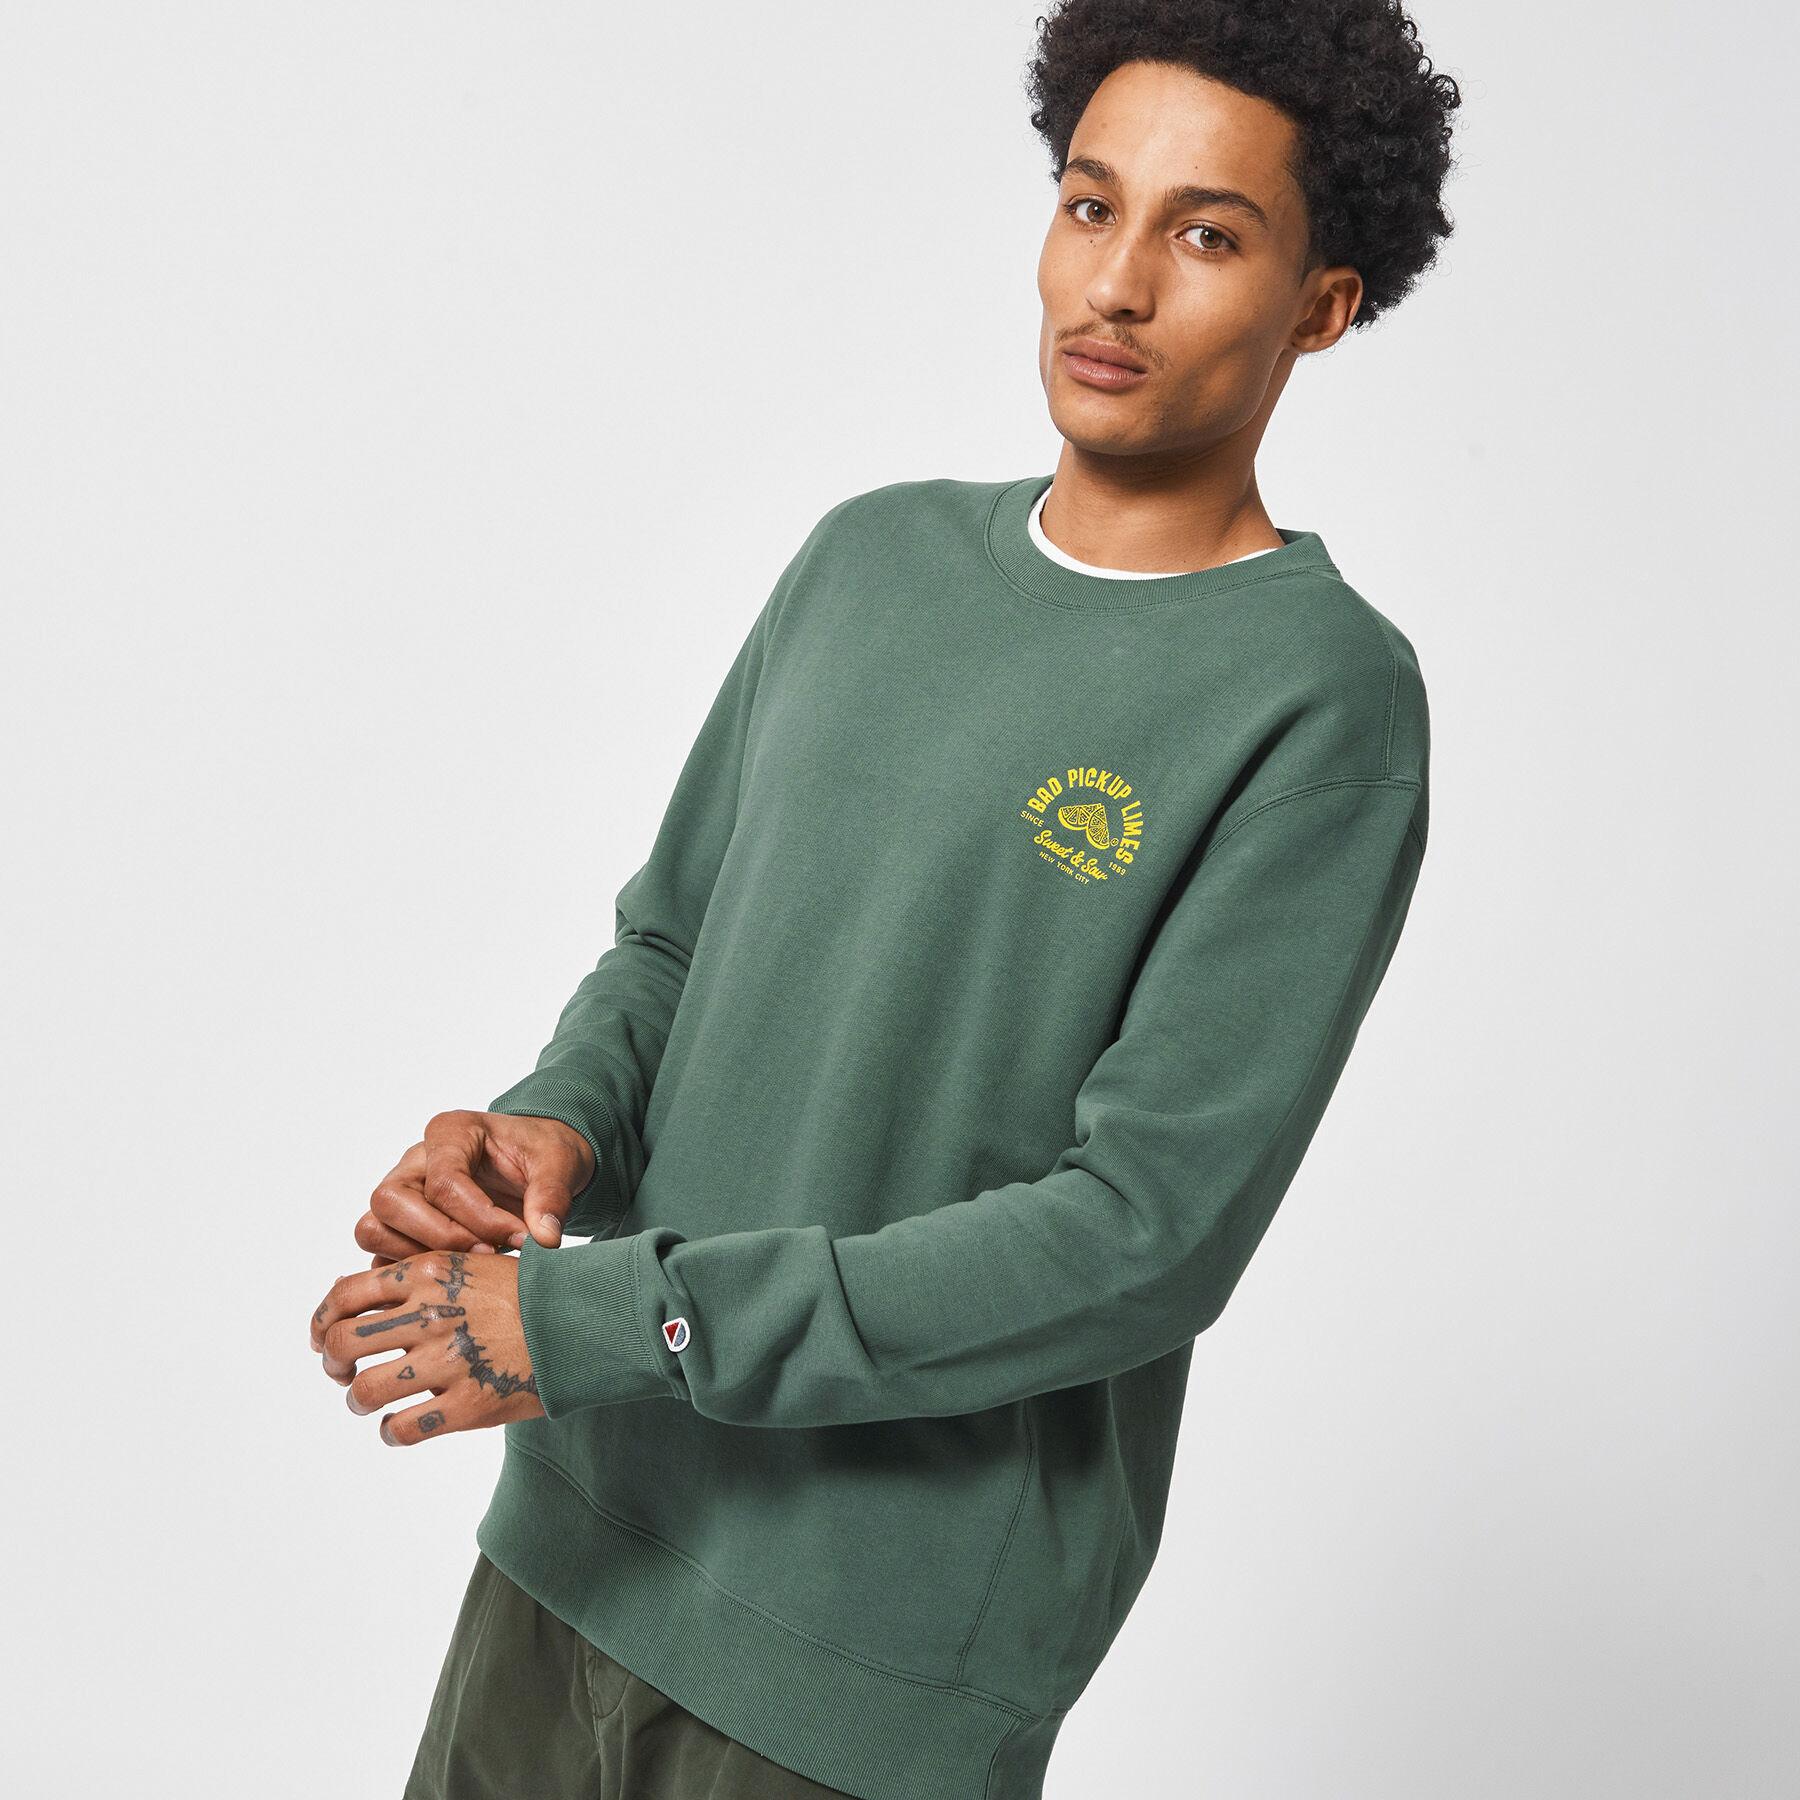 Men Sweater Sagar Green Buy Online